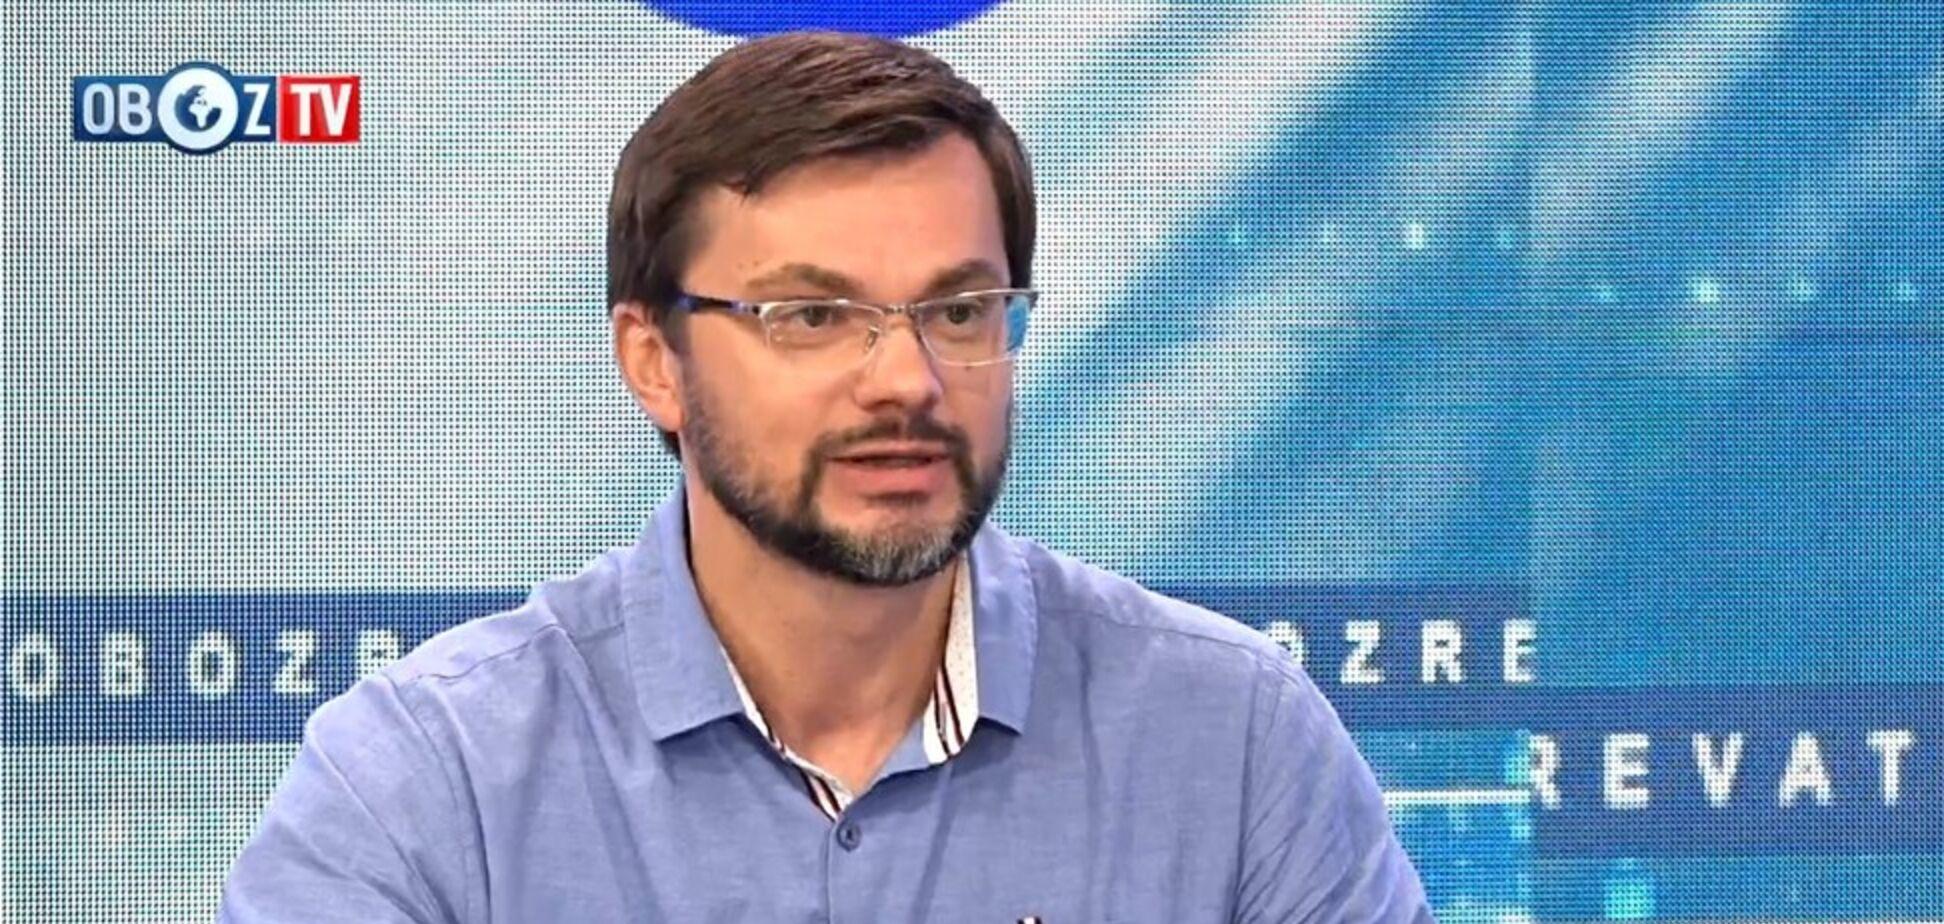 Де дешевше: економіст порівняв ціни на продукти в Україні та Польщі